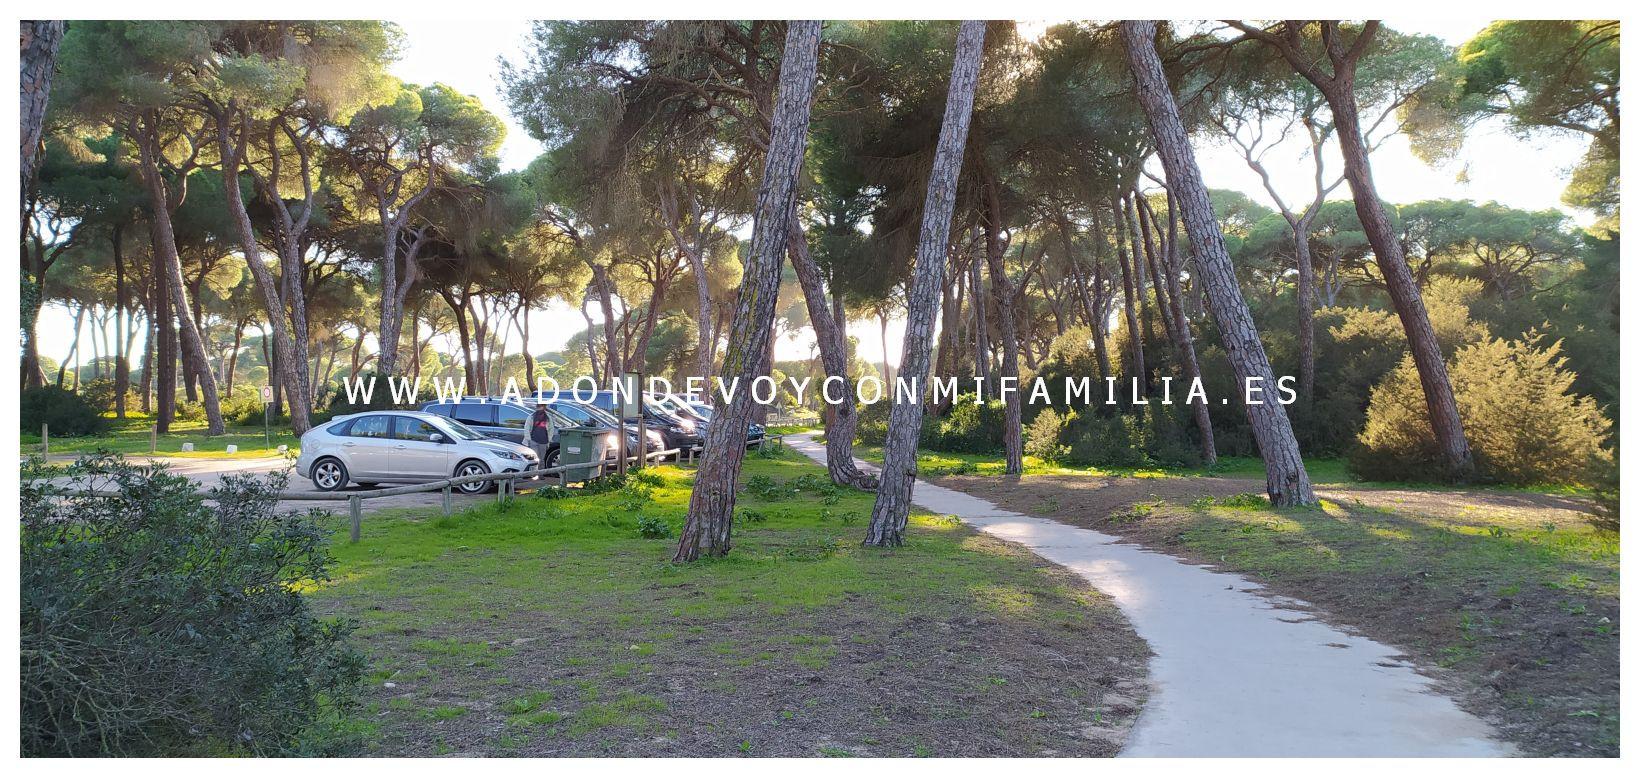 area-recreativa-la-ermita-adondevoyconmifamilia-05